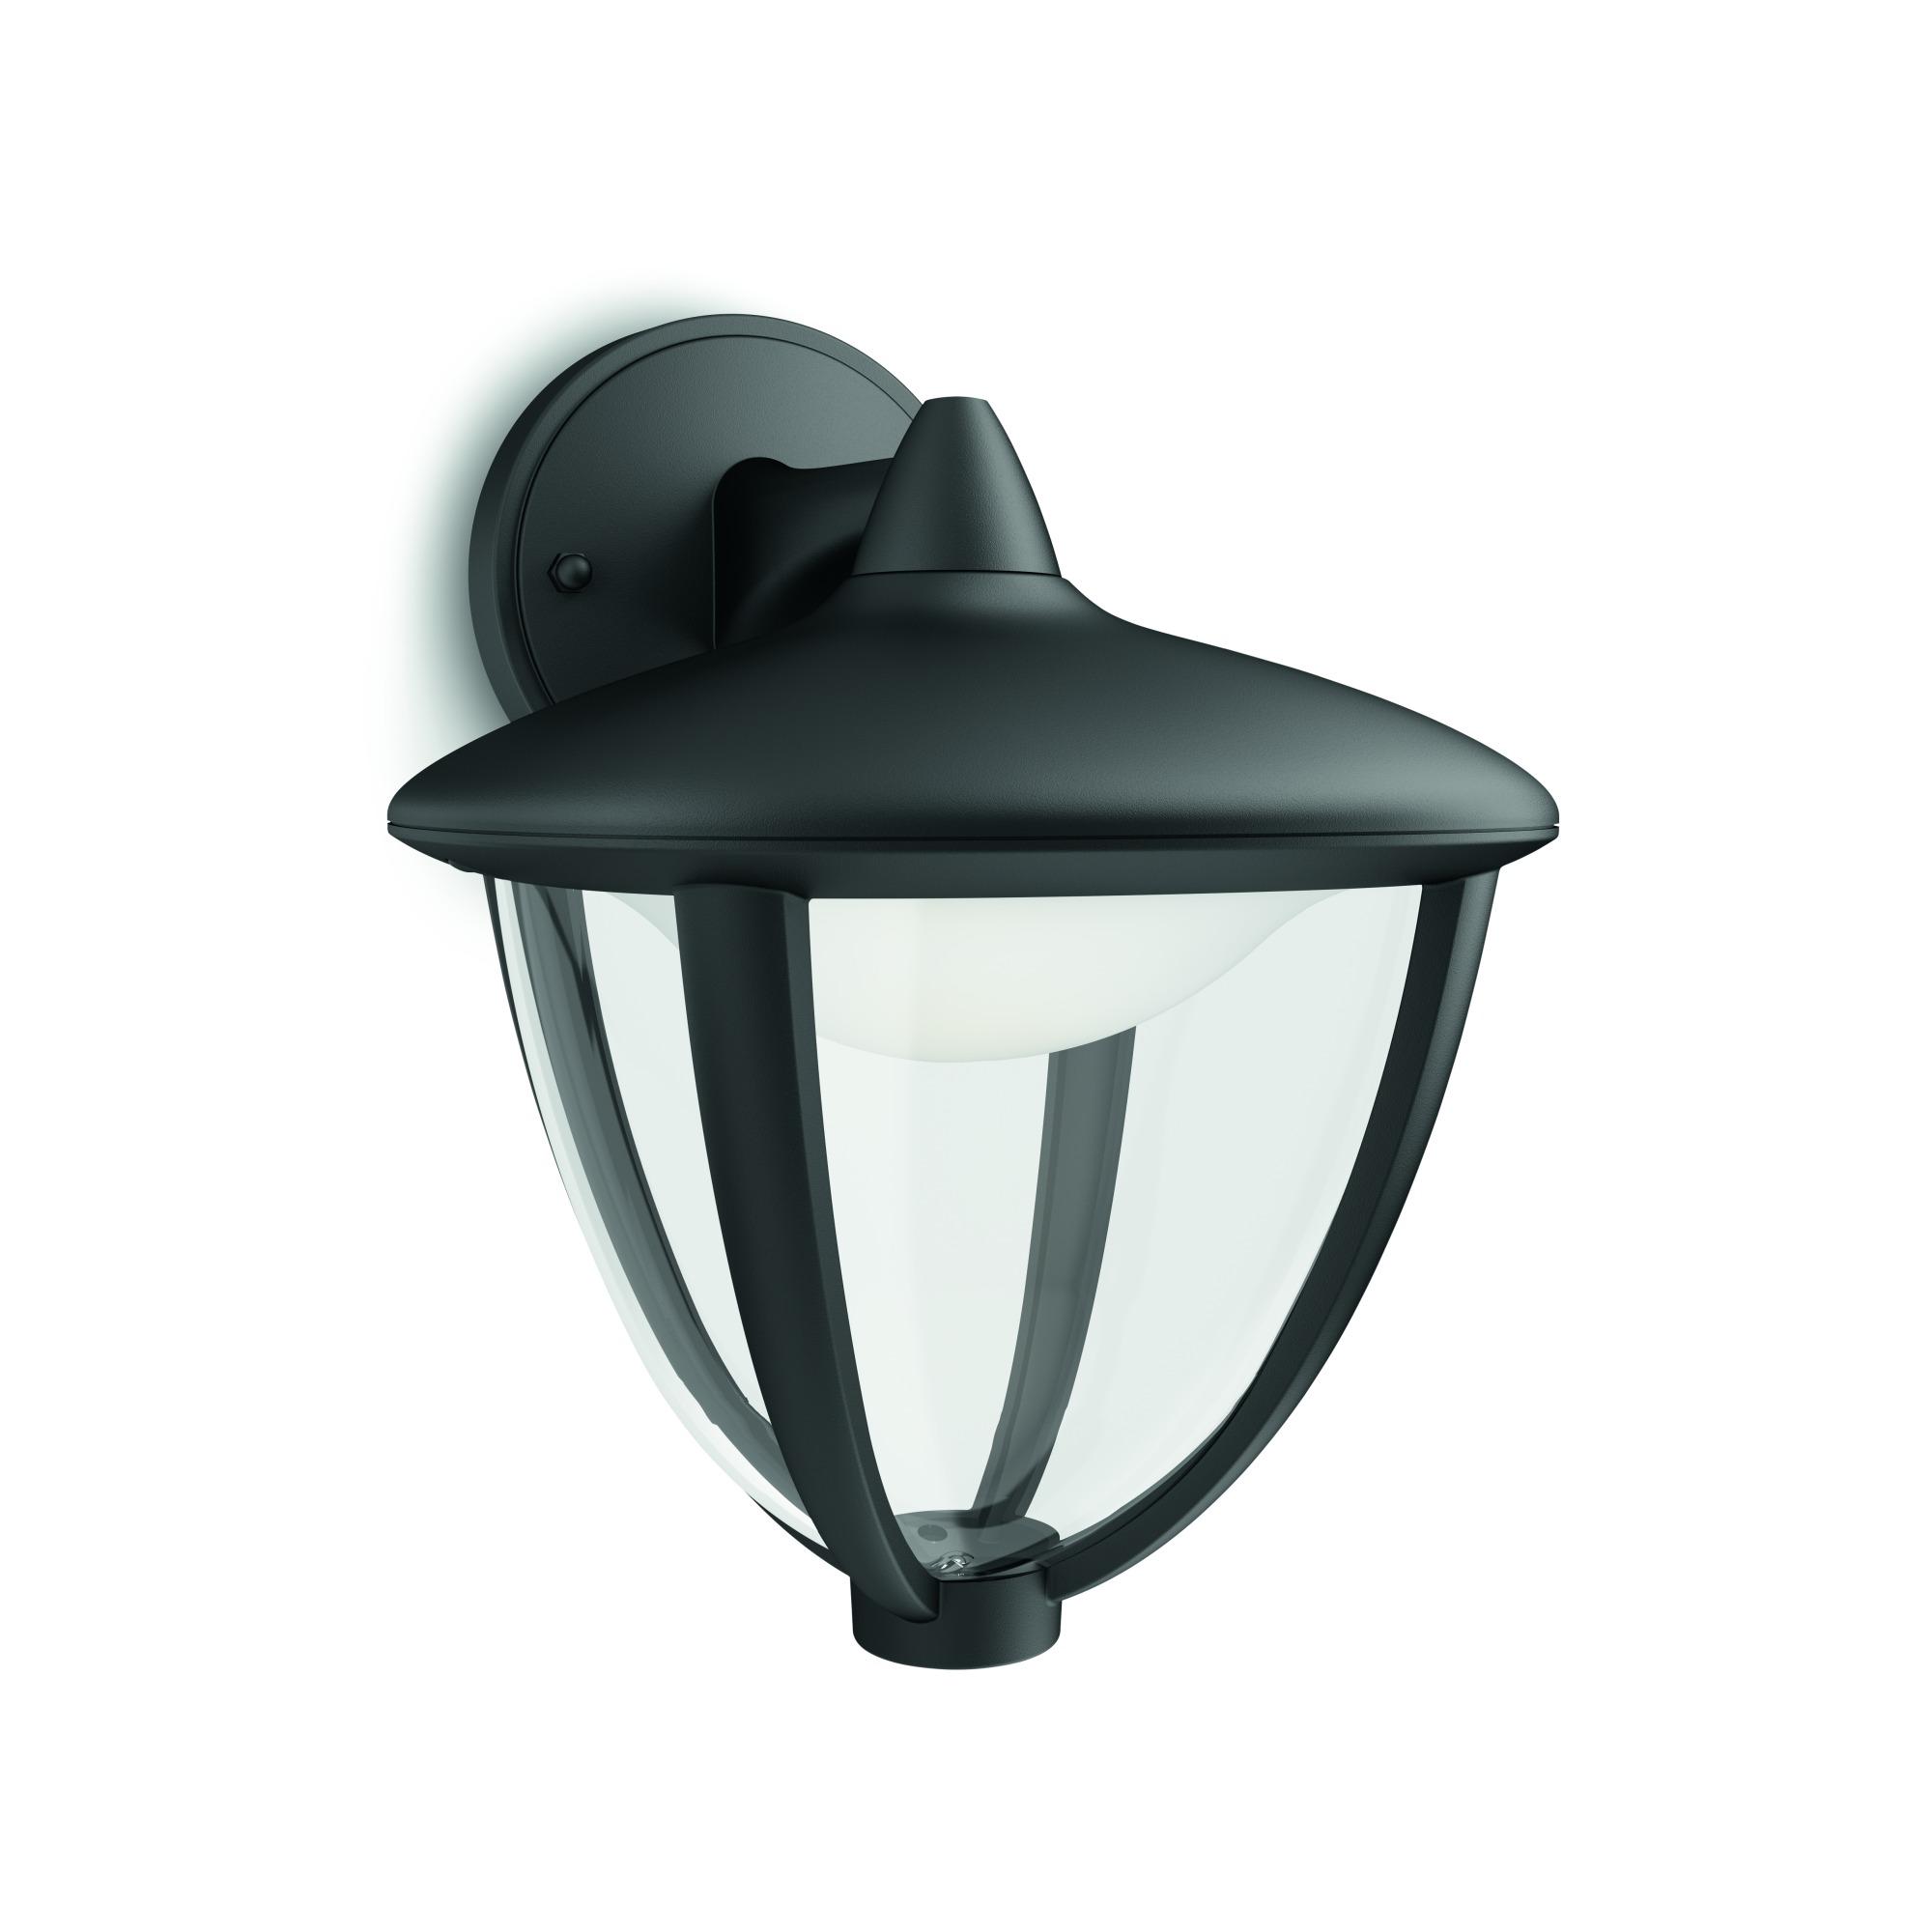 Robin wall lantern black 1x4.5W 230V